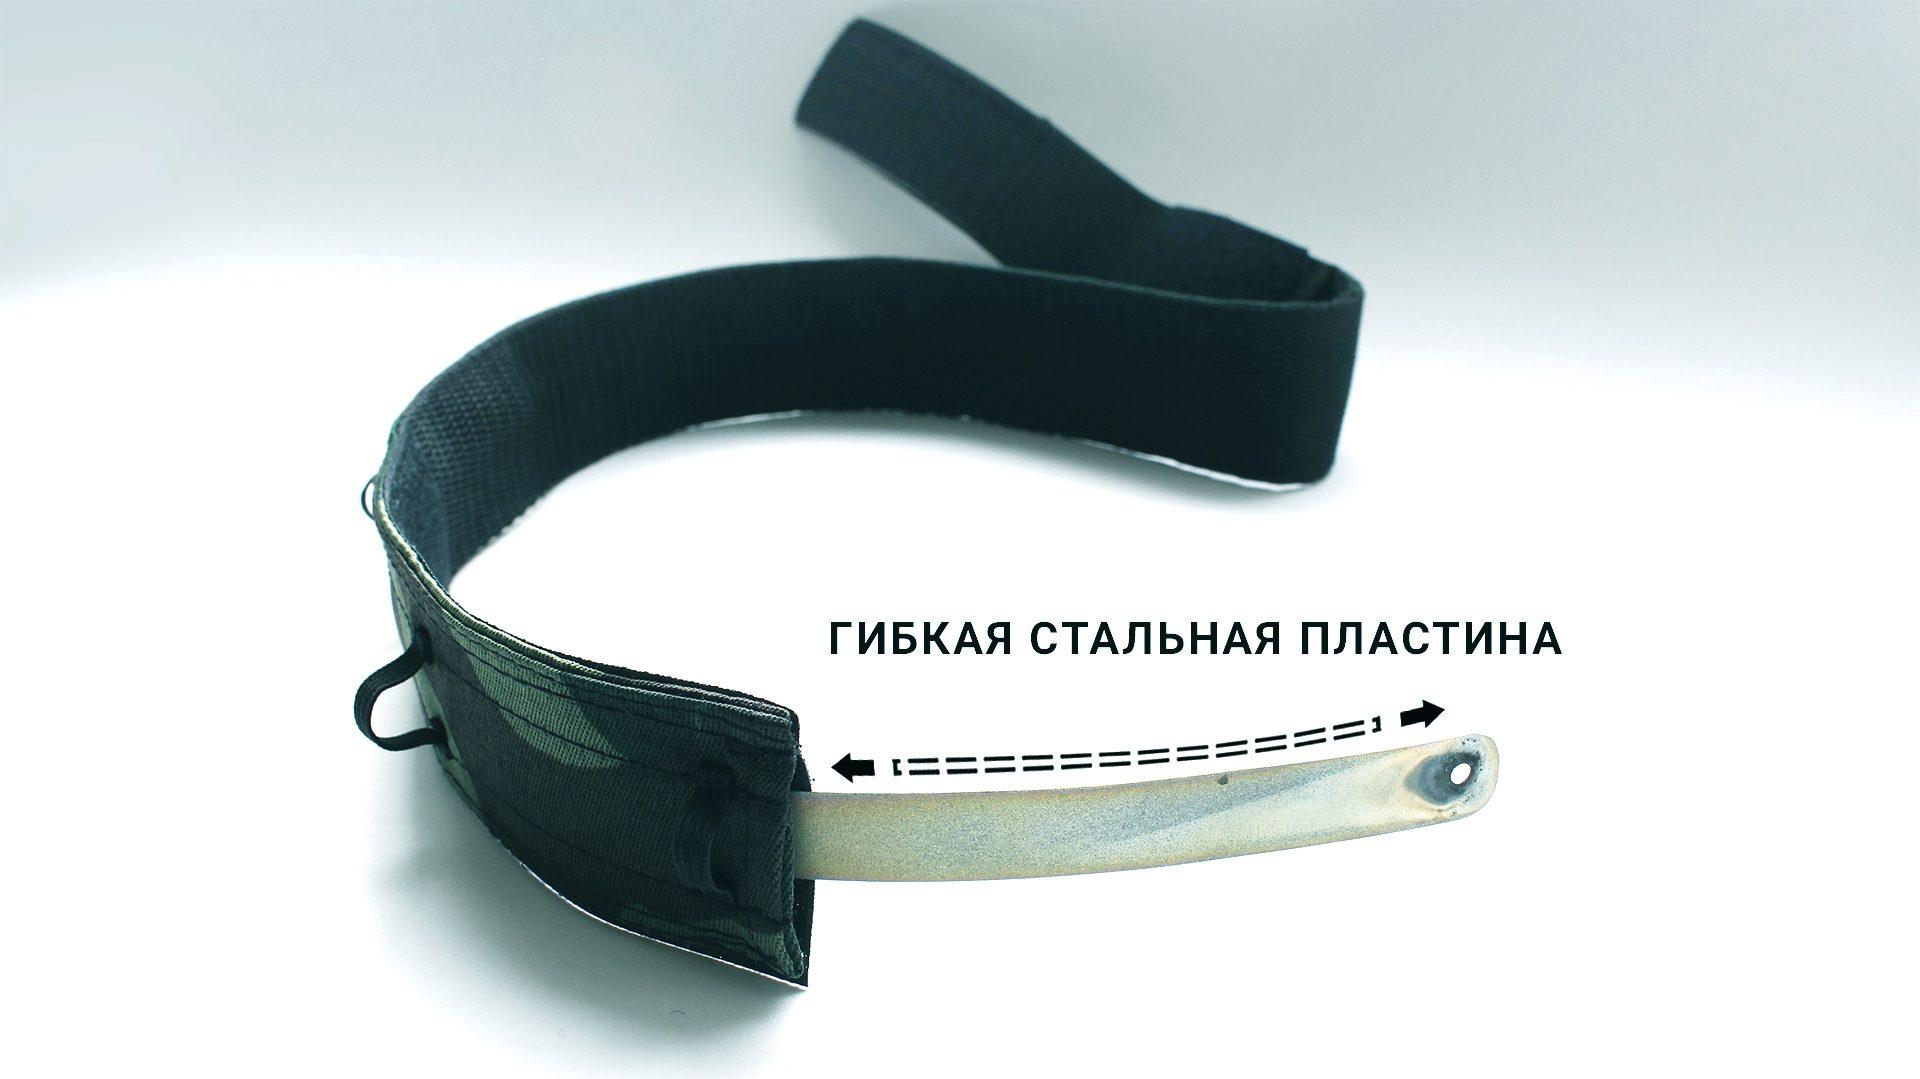 povyazka-stalnaya-plastina